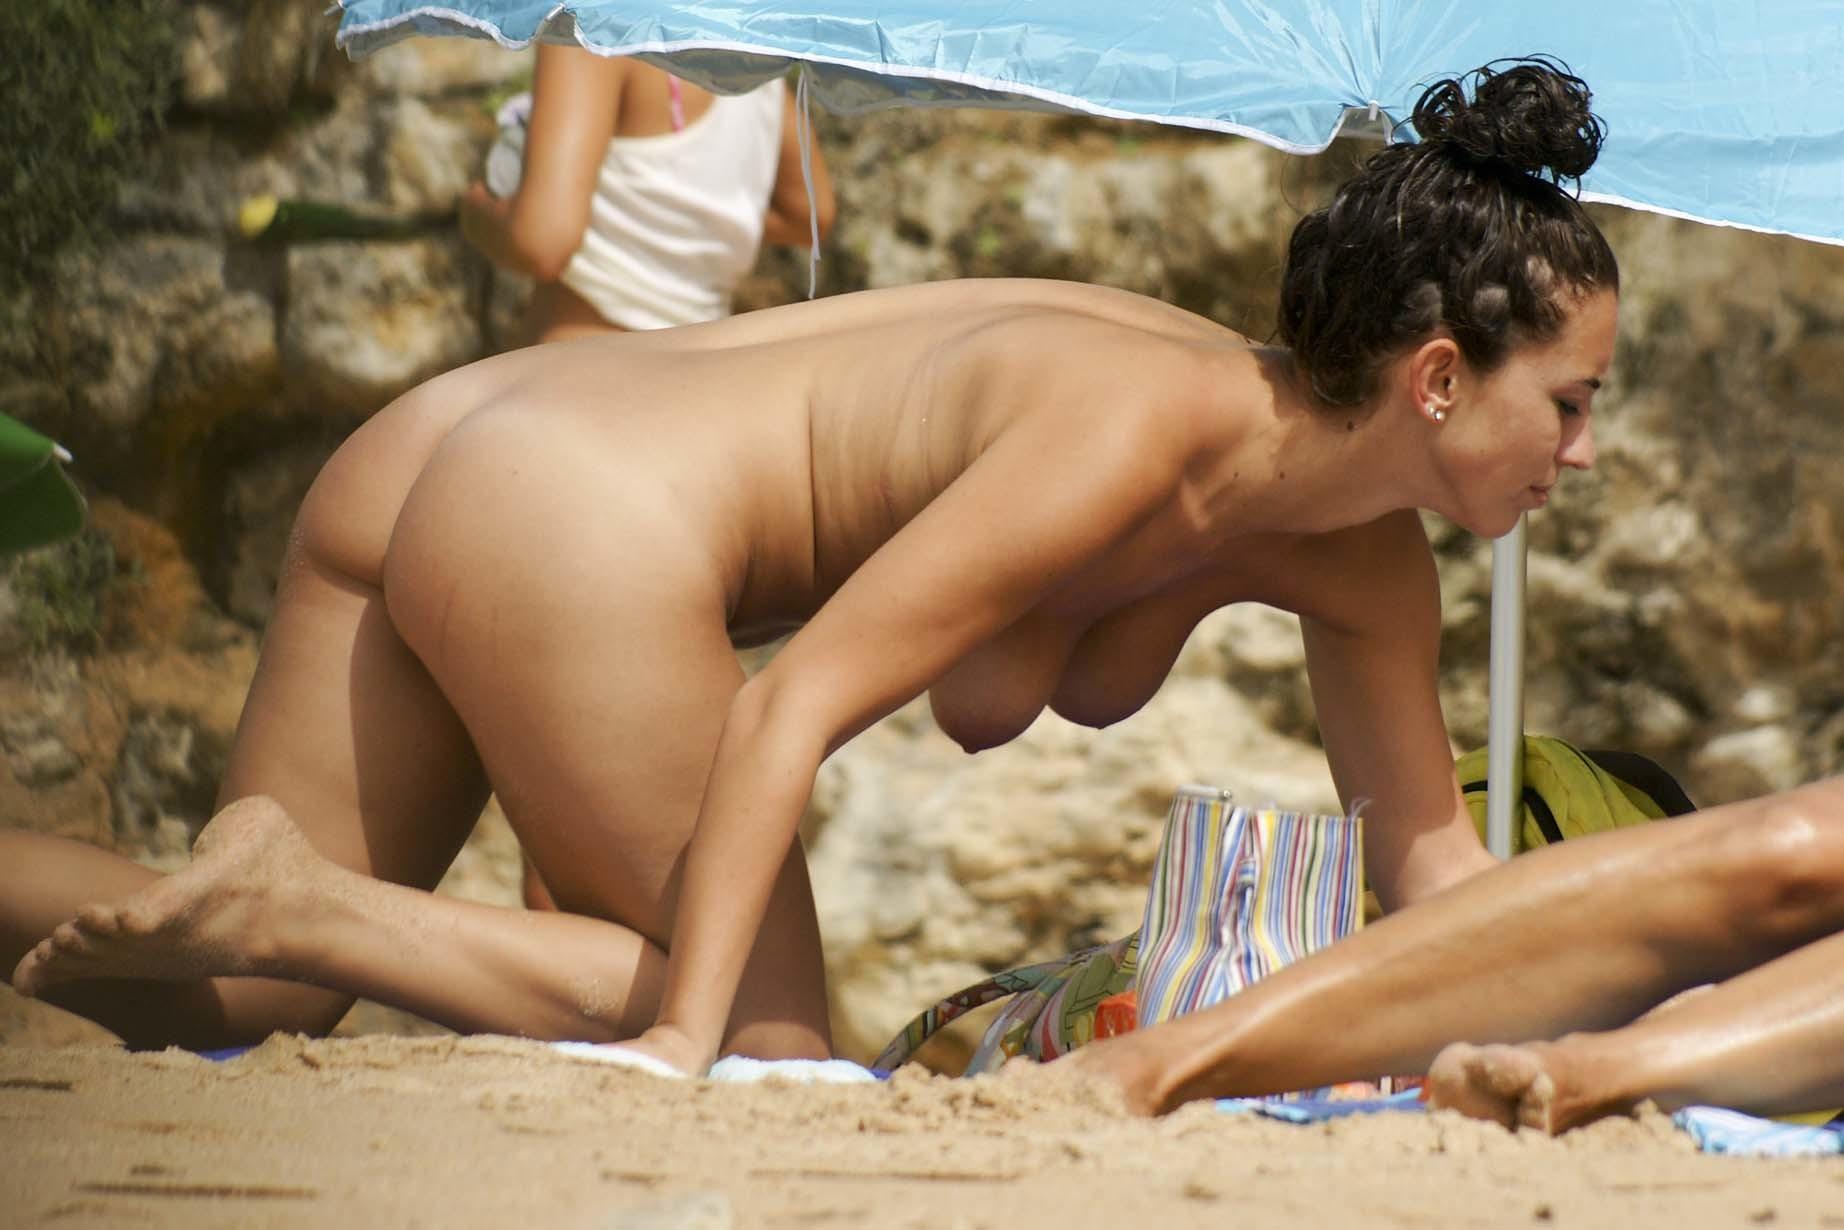 2 hermosas chicas cambiandose de ropa en la playa - 2 1